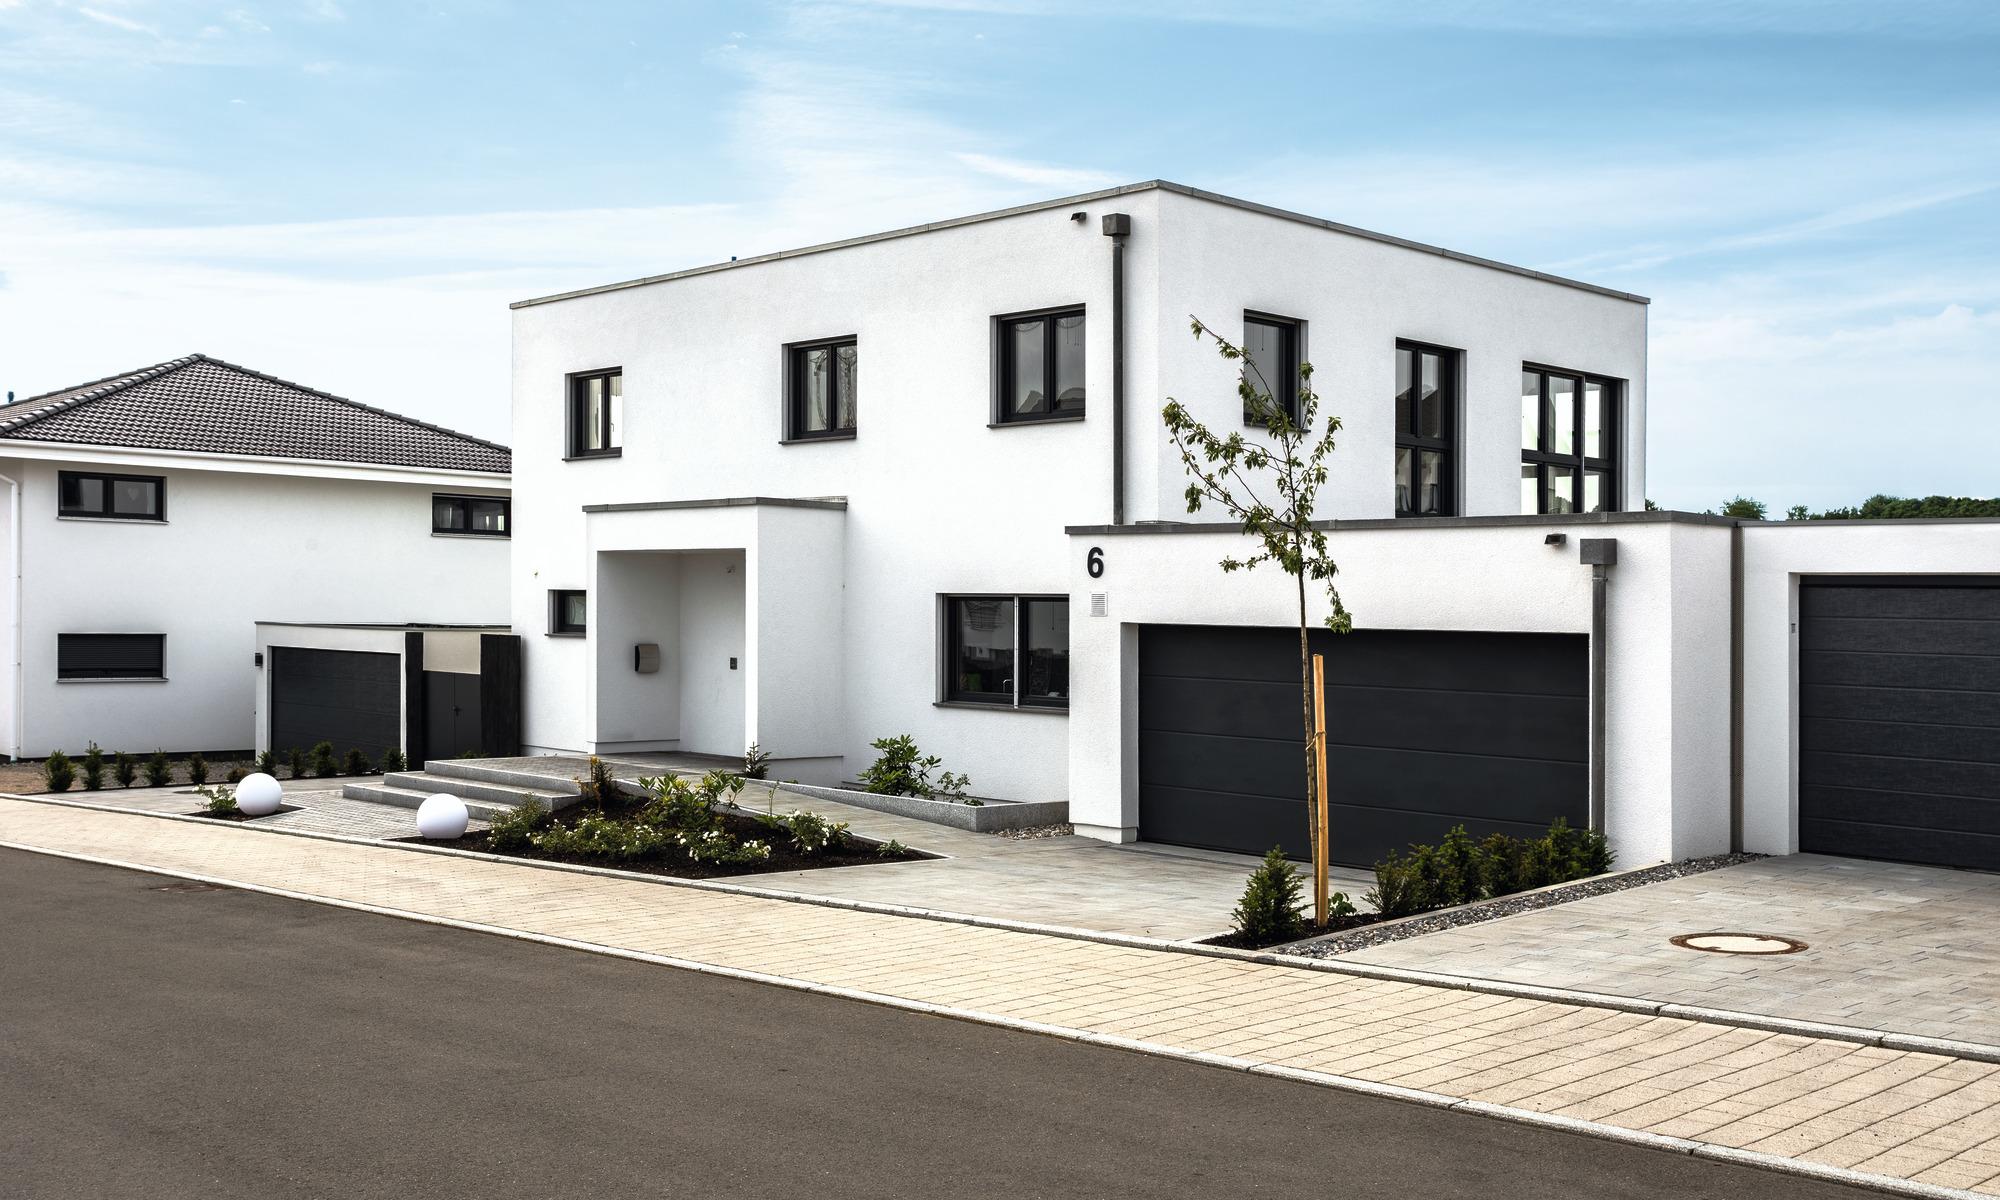 Zweifamilienhaus im Bauhaus-Stil